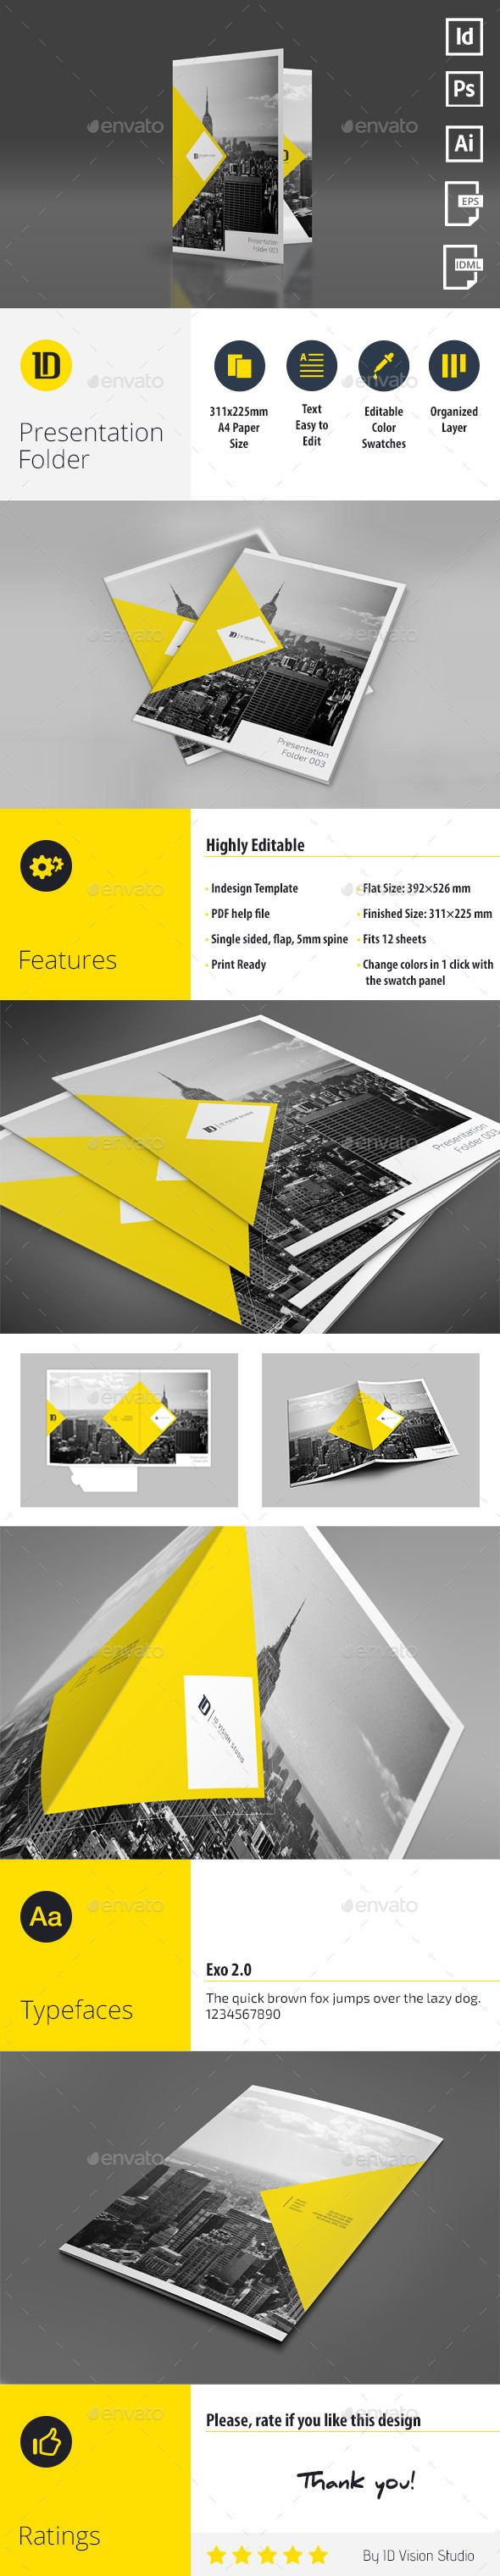 a4 self locking multipurpose presentation folder 003. Black Bedroom Furniture Sets. Home Design Ideas